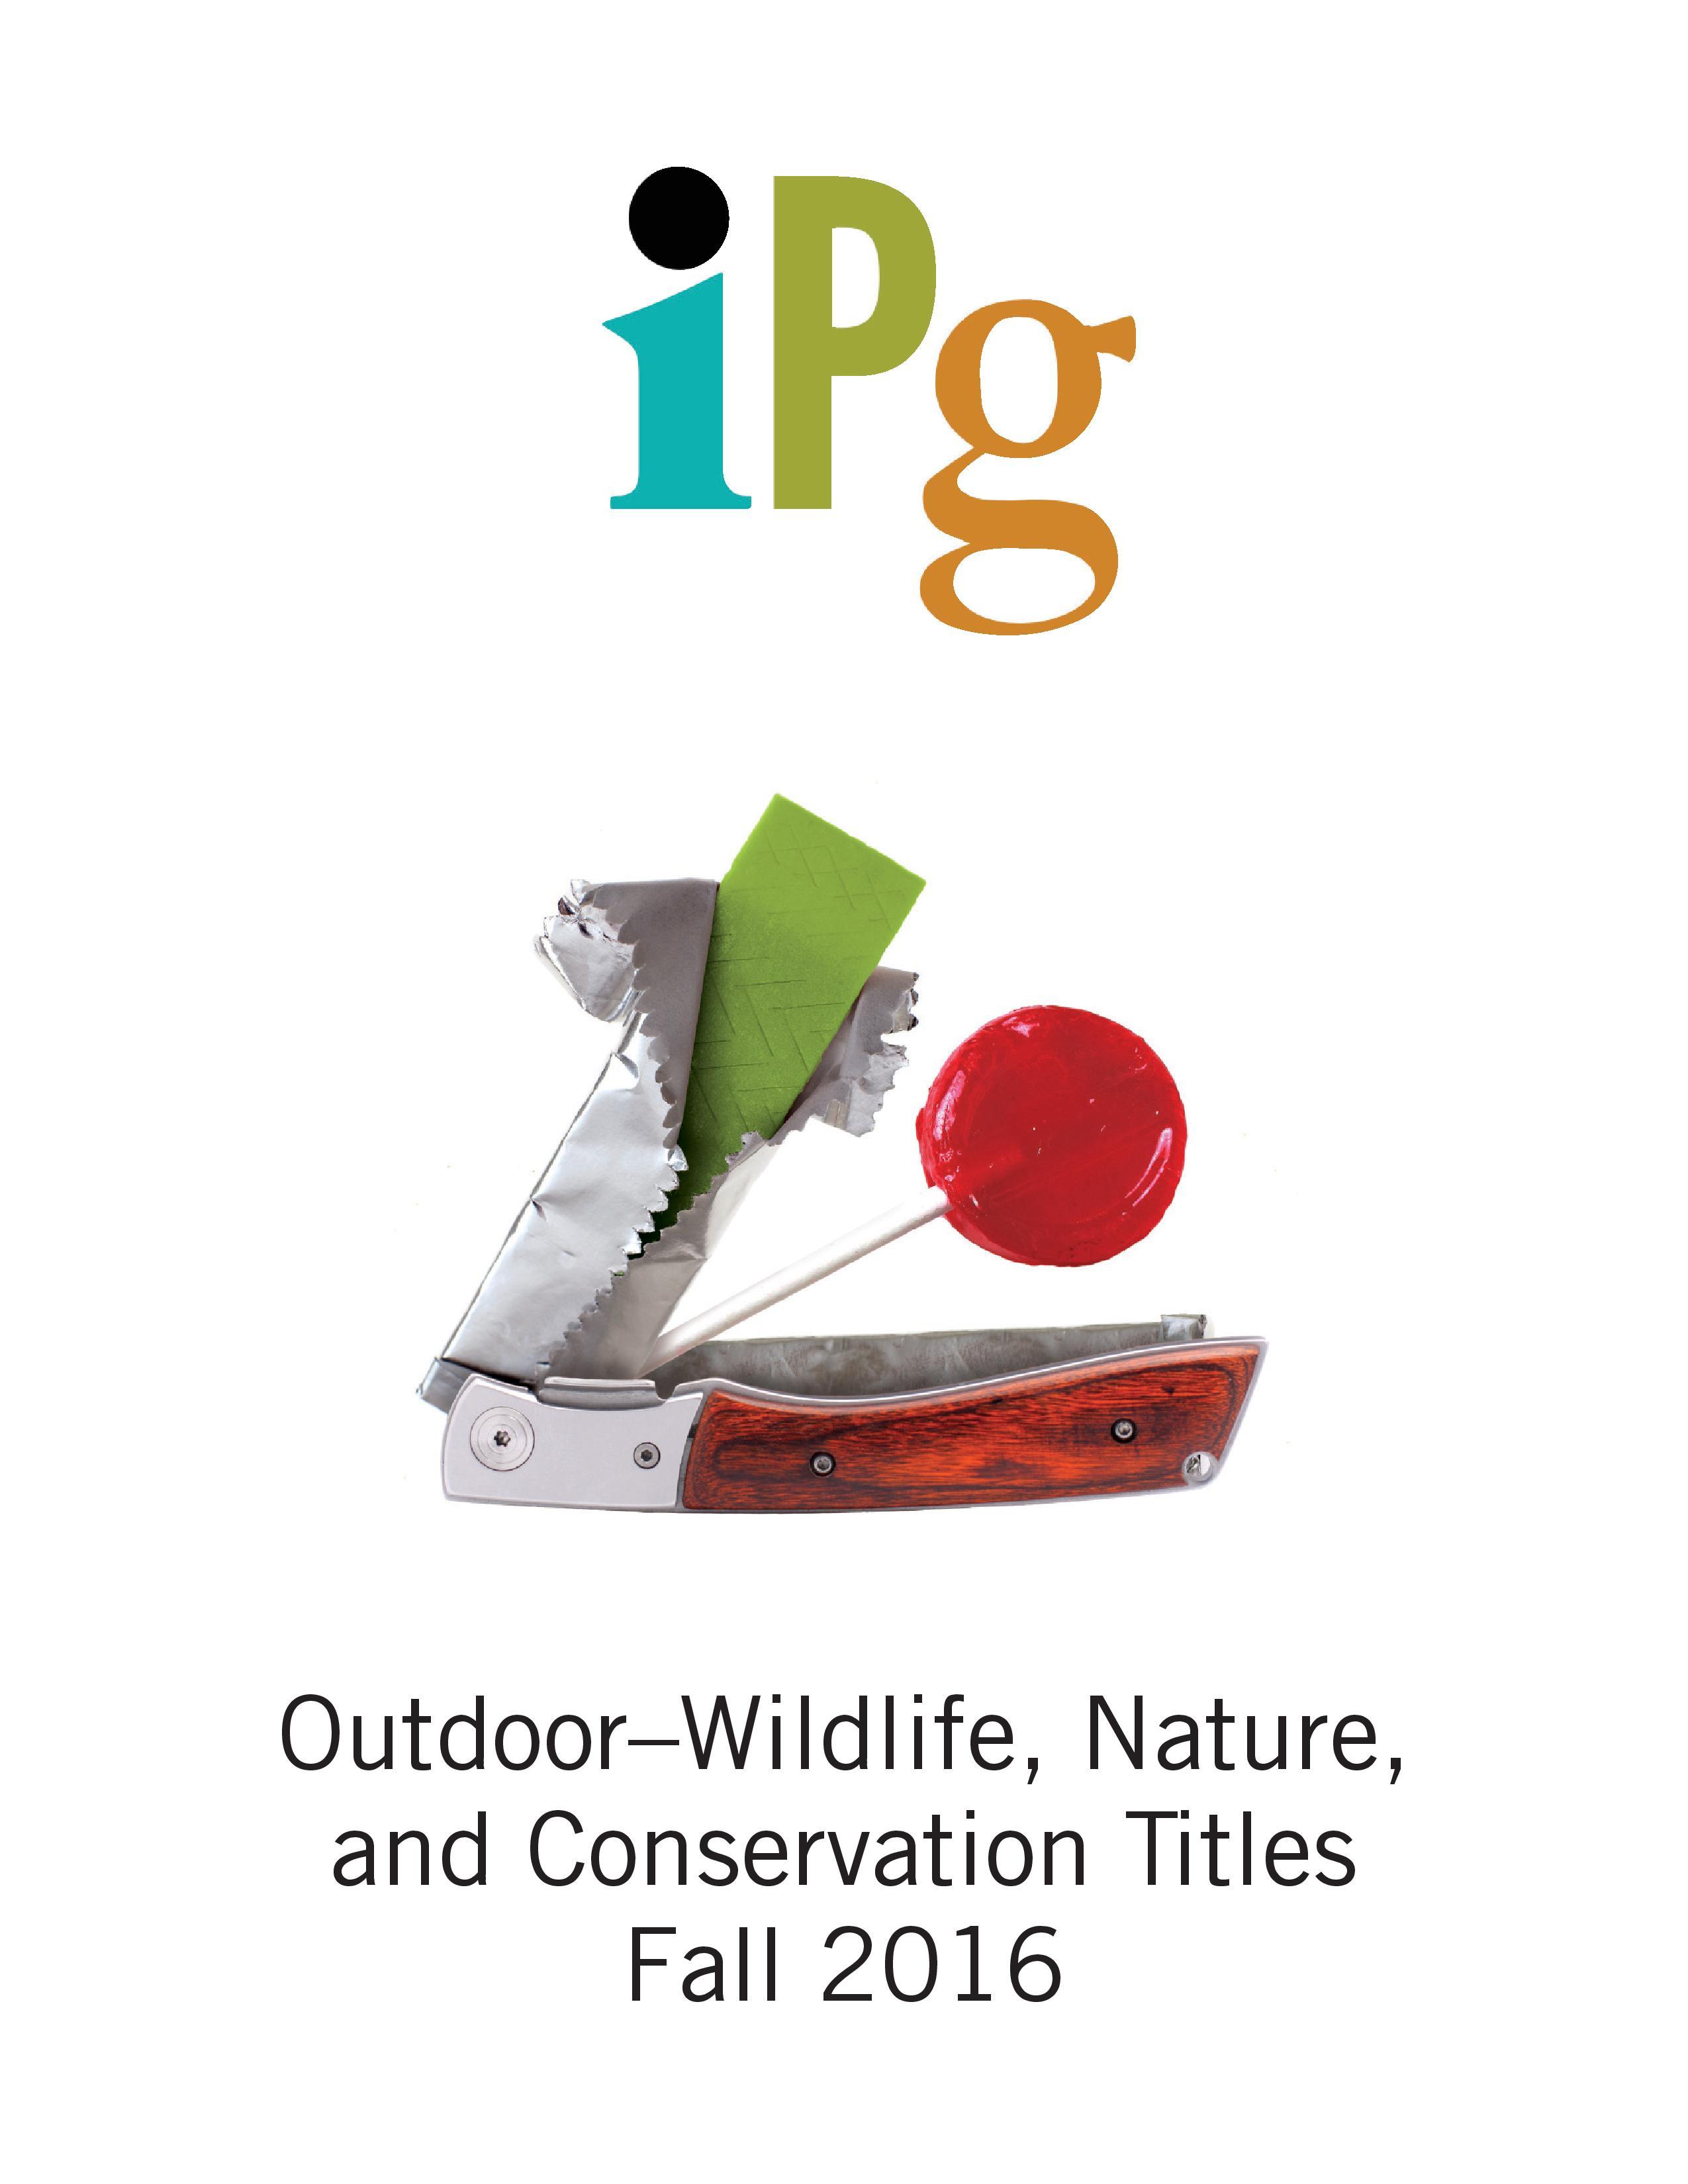 Outdoor - Wildlife Titles